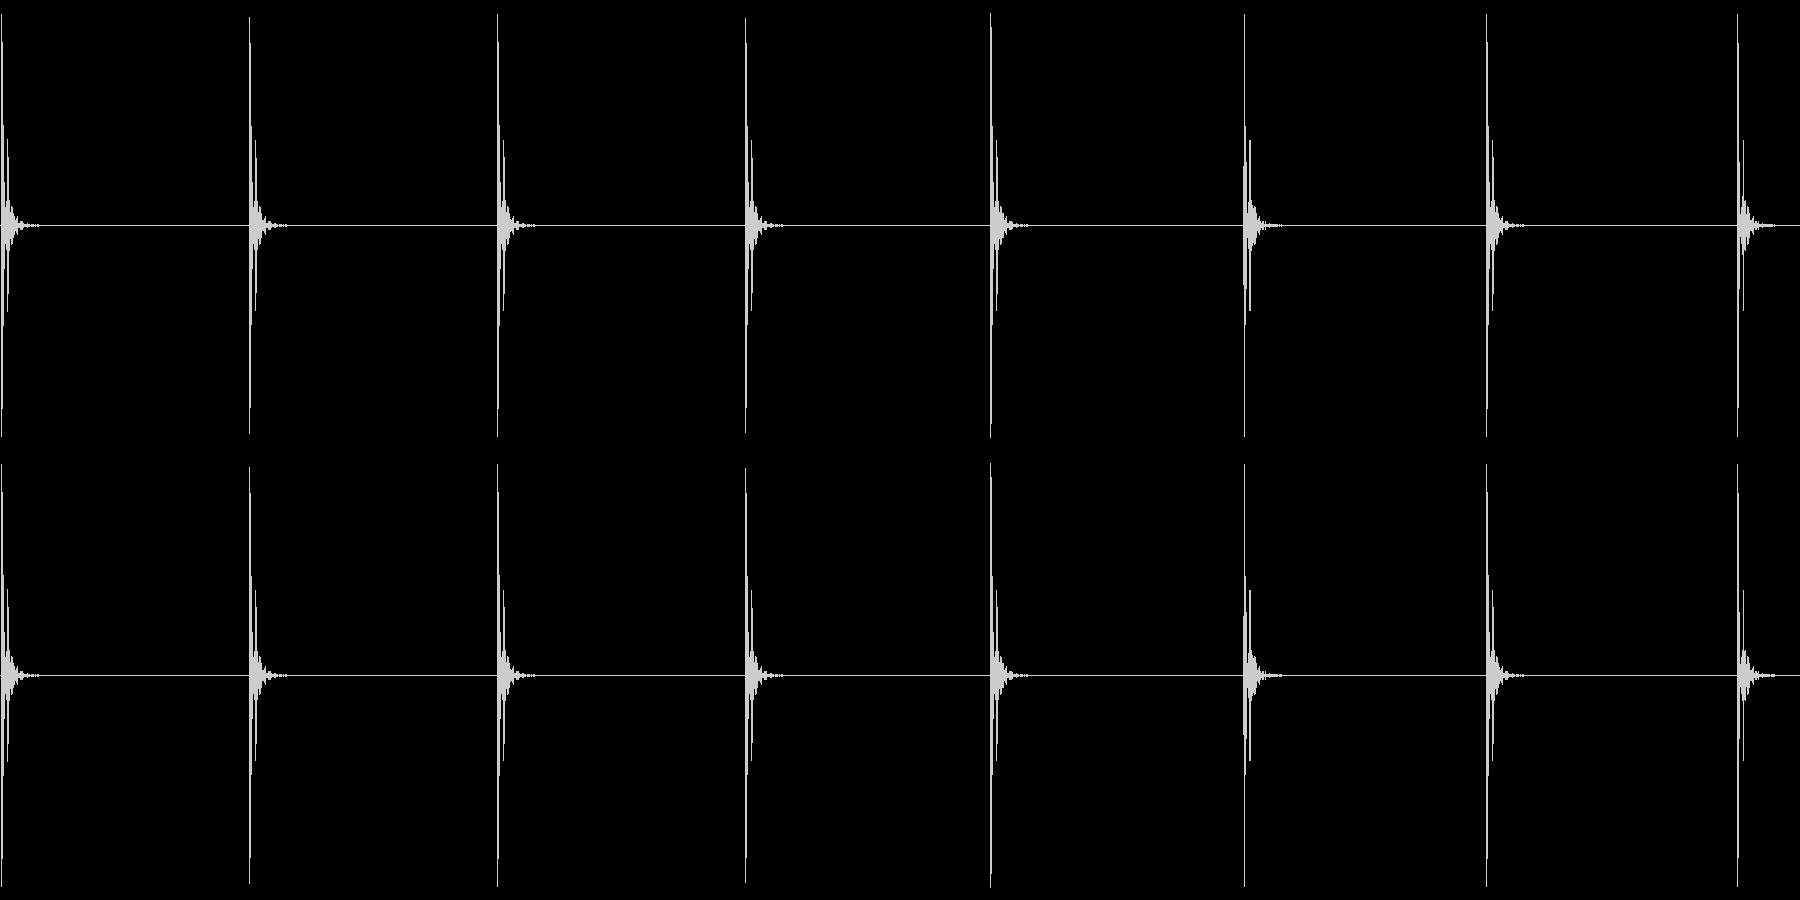 コツコツ…(ヒールの足音・ゆっくり)の未再生の波形